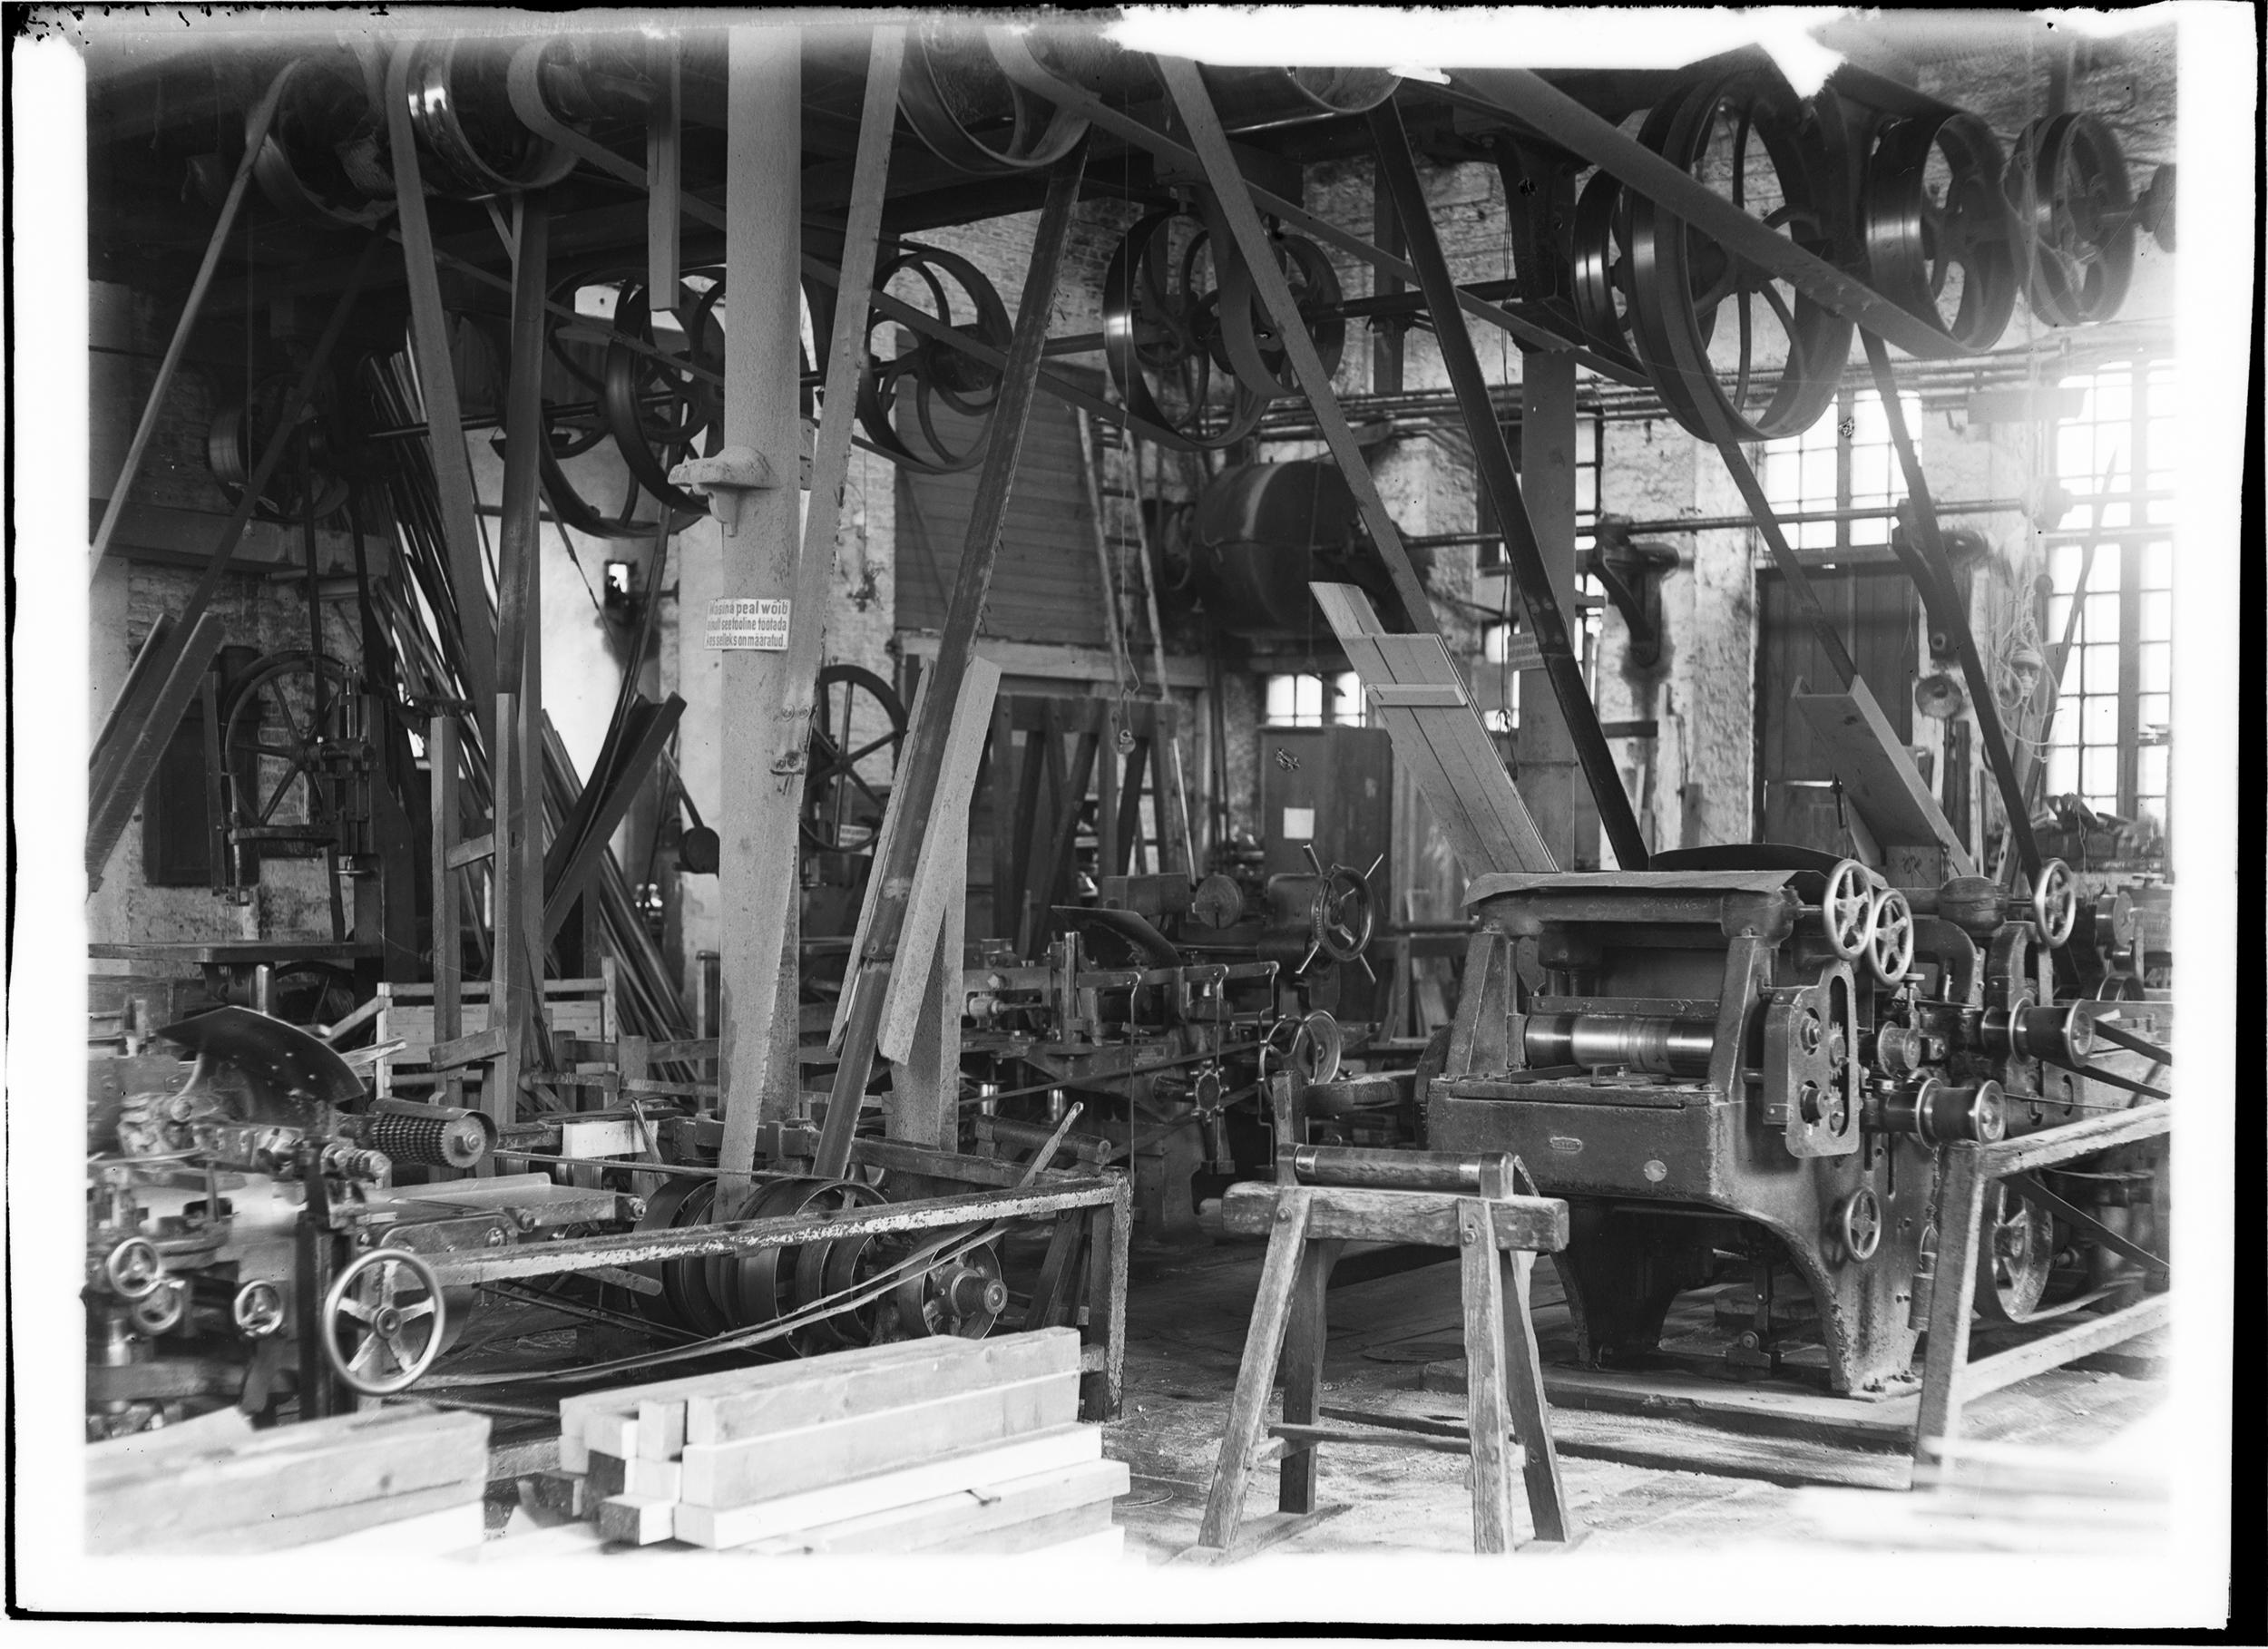 Raudtee peatehase interjöör 1919. aastal. Masinaid ja tööpinke käitavad rihma-võllajami süsteem. Foto: Ajaloomuuseum